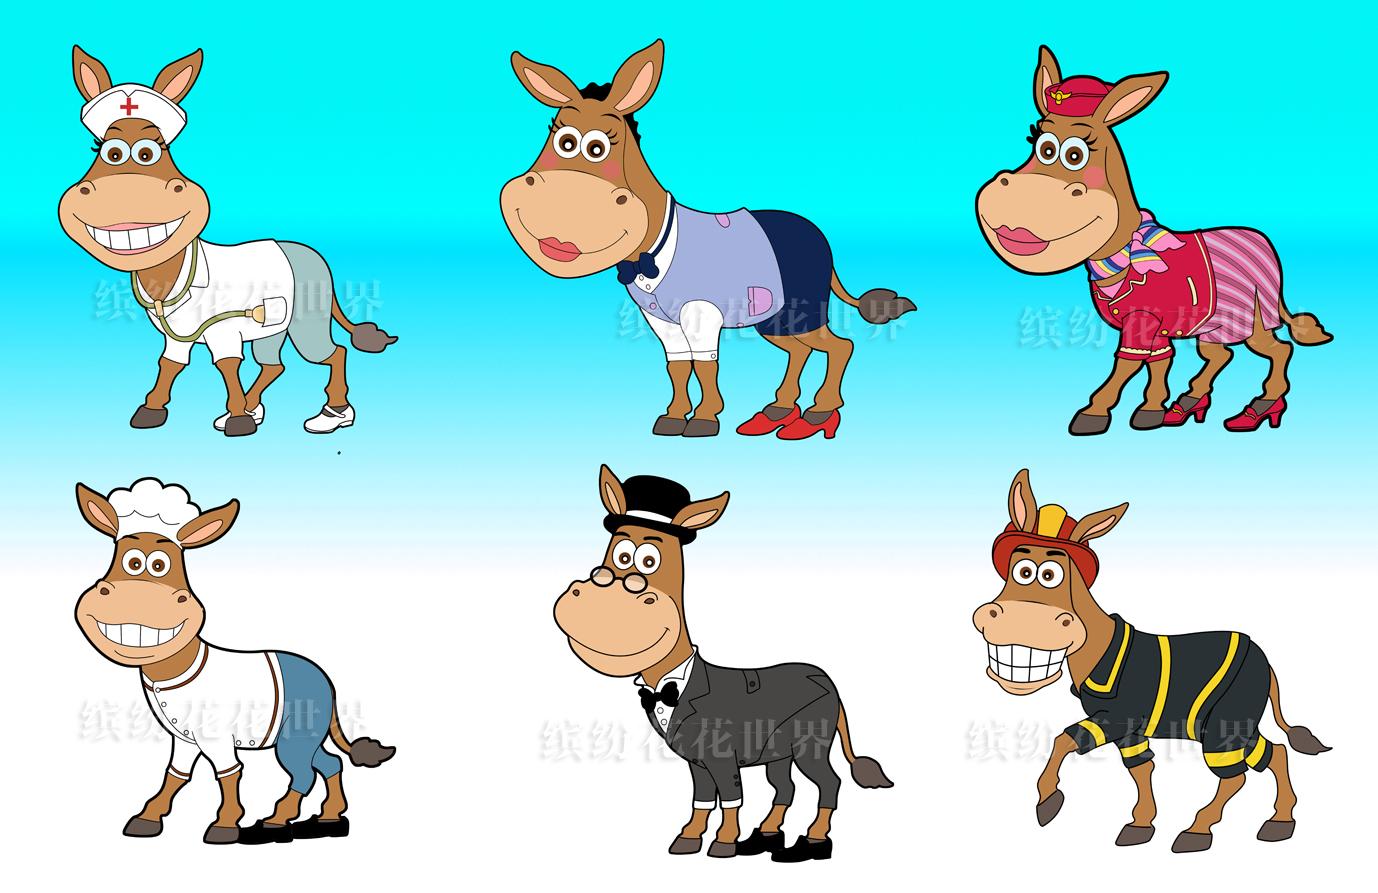 职业动物卡通形象设计